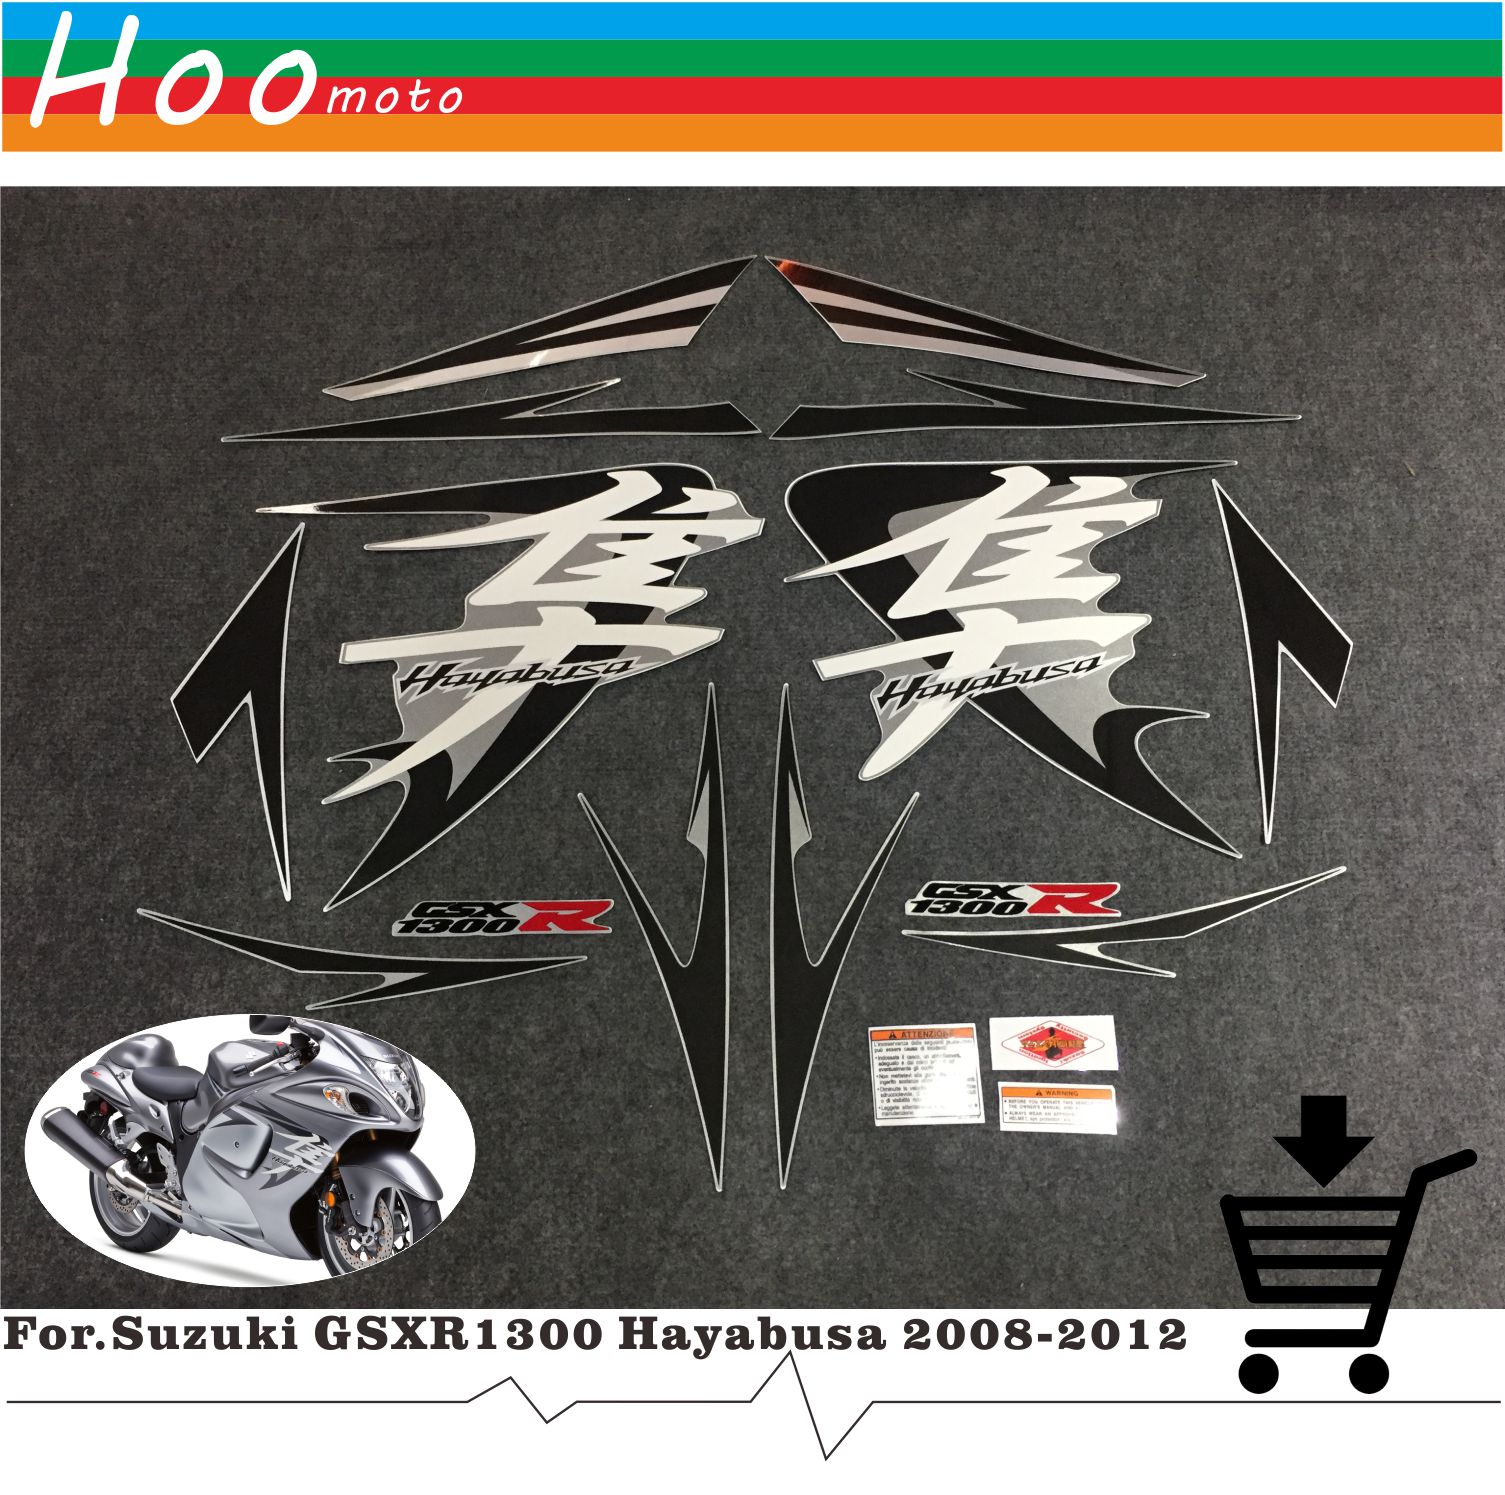 Мотоцикл весь наклейки на автомобиль и надписи DIY MOTO для Suzuki GSXR1300 GSXR 1300 GSX R 1300 Hayabusa 2008-2012 наклейки этикетки